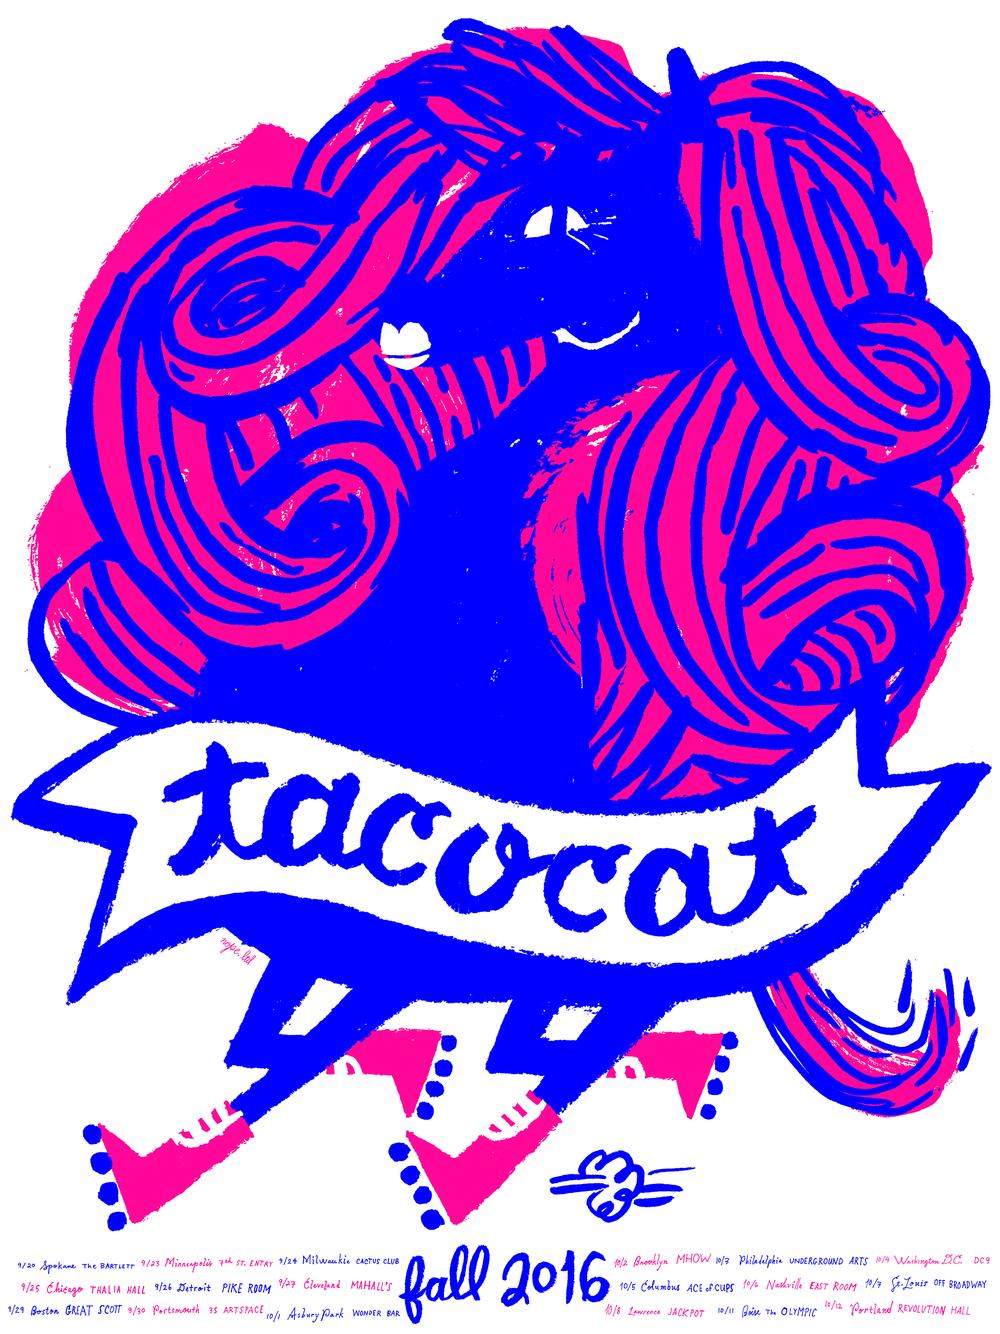 Tacocat-Fall-2016-2000.png